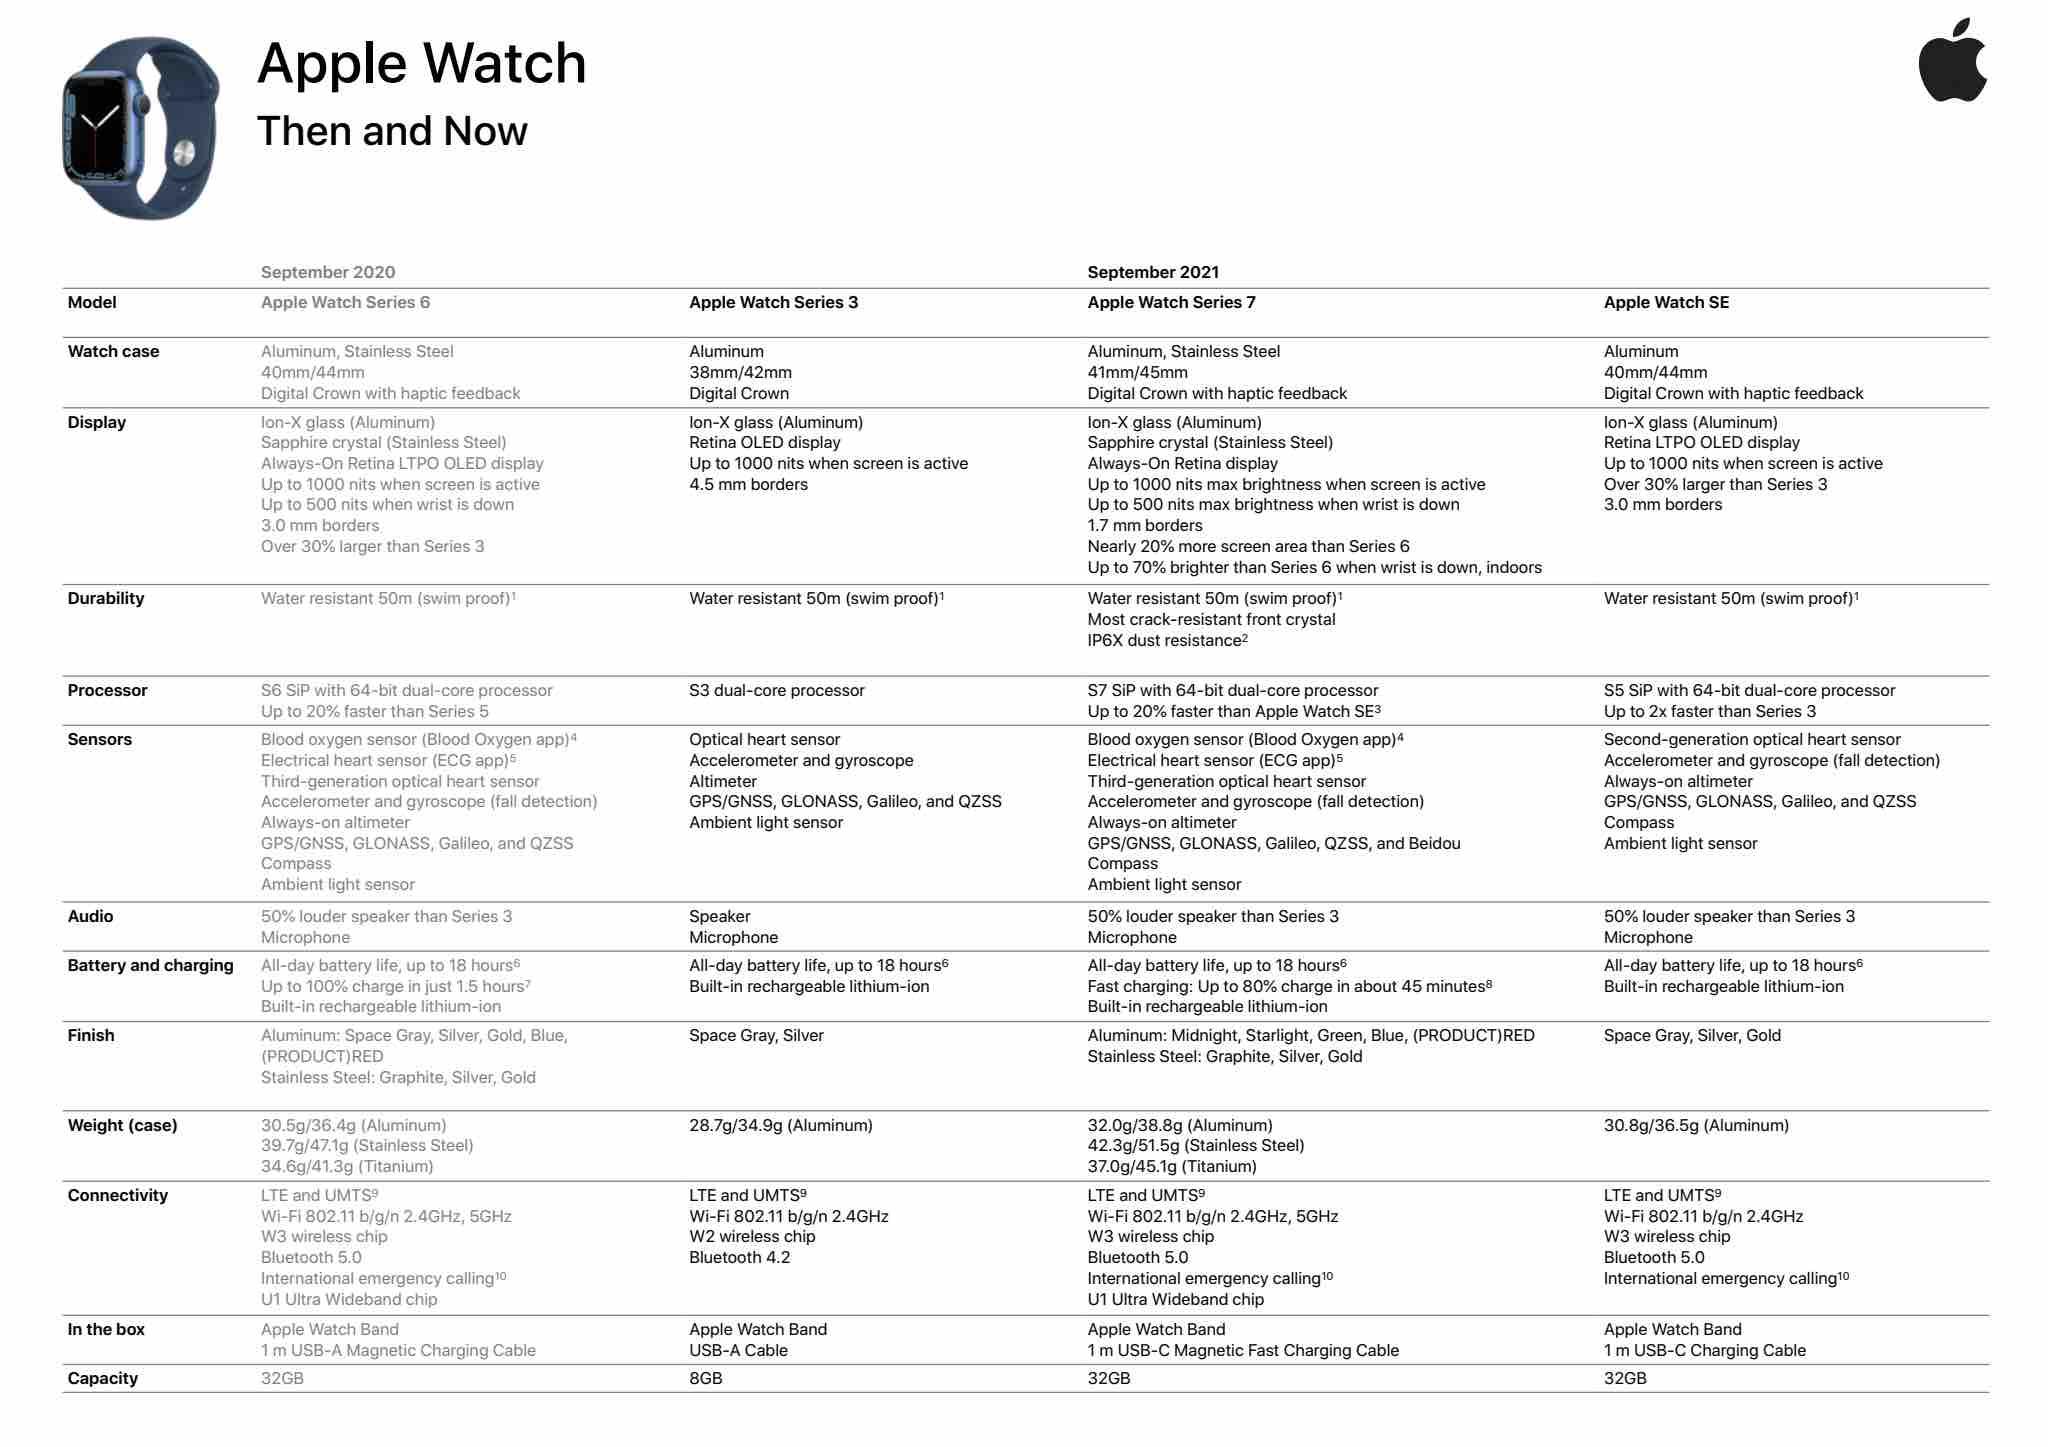 Zobacz czego nam Apple nie powiedziało o Watch Series 7 ciekawostki specyfikacja apple watch series 7, dane techniczne apple watch series 7, Apple Watch Series 7  W sieci pojawiły się szczegółowe specyfikacje inteligentnych zegarków Apple Watch Series 7. Waga, procesor, czas pracy baterii jasność ekranu i więcej. series7